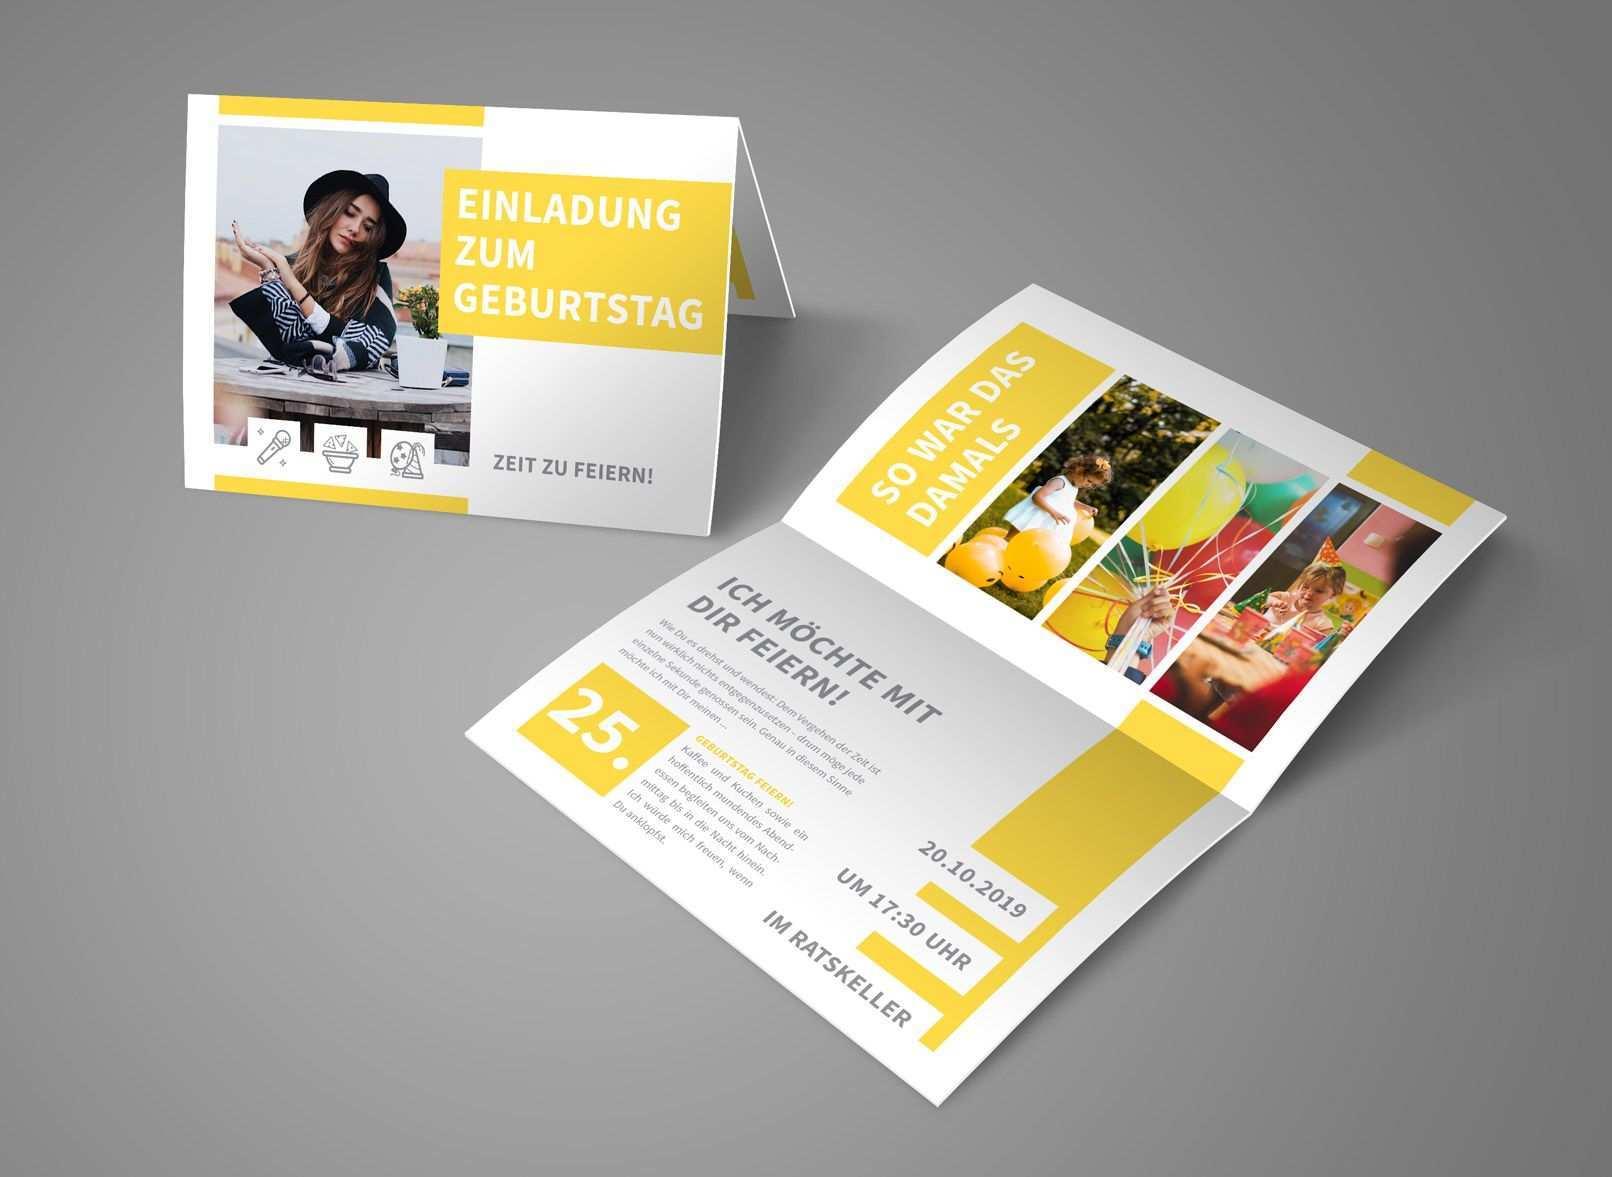 Geburtstagseinladungen Selbst Gestalten Vorlagen Herunterladen Einladungskarten Gestalten Geburtstagseinladungen Gestalten Geburtstagseinladungen